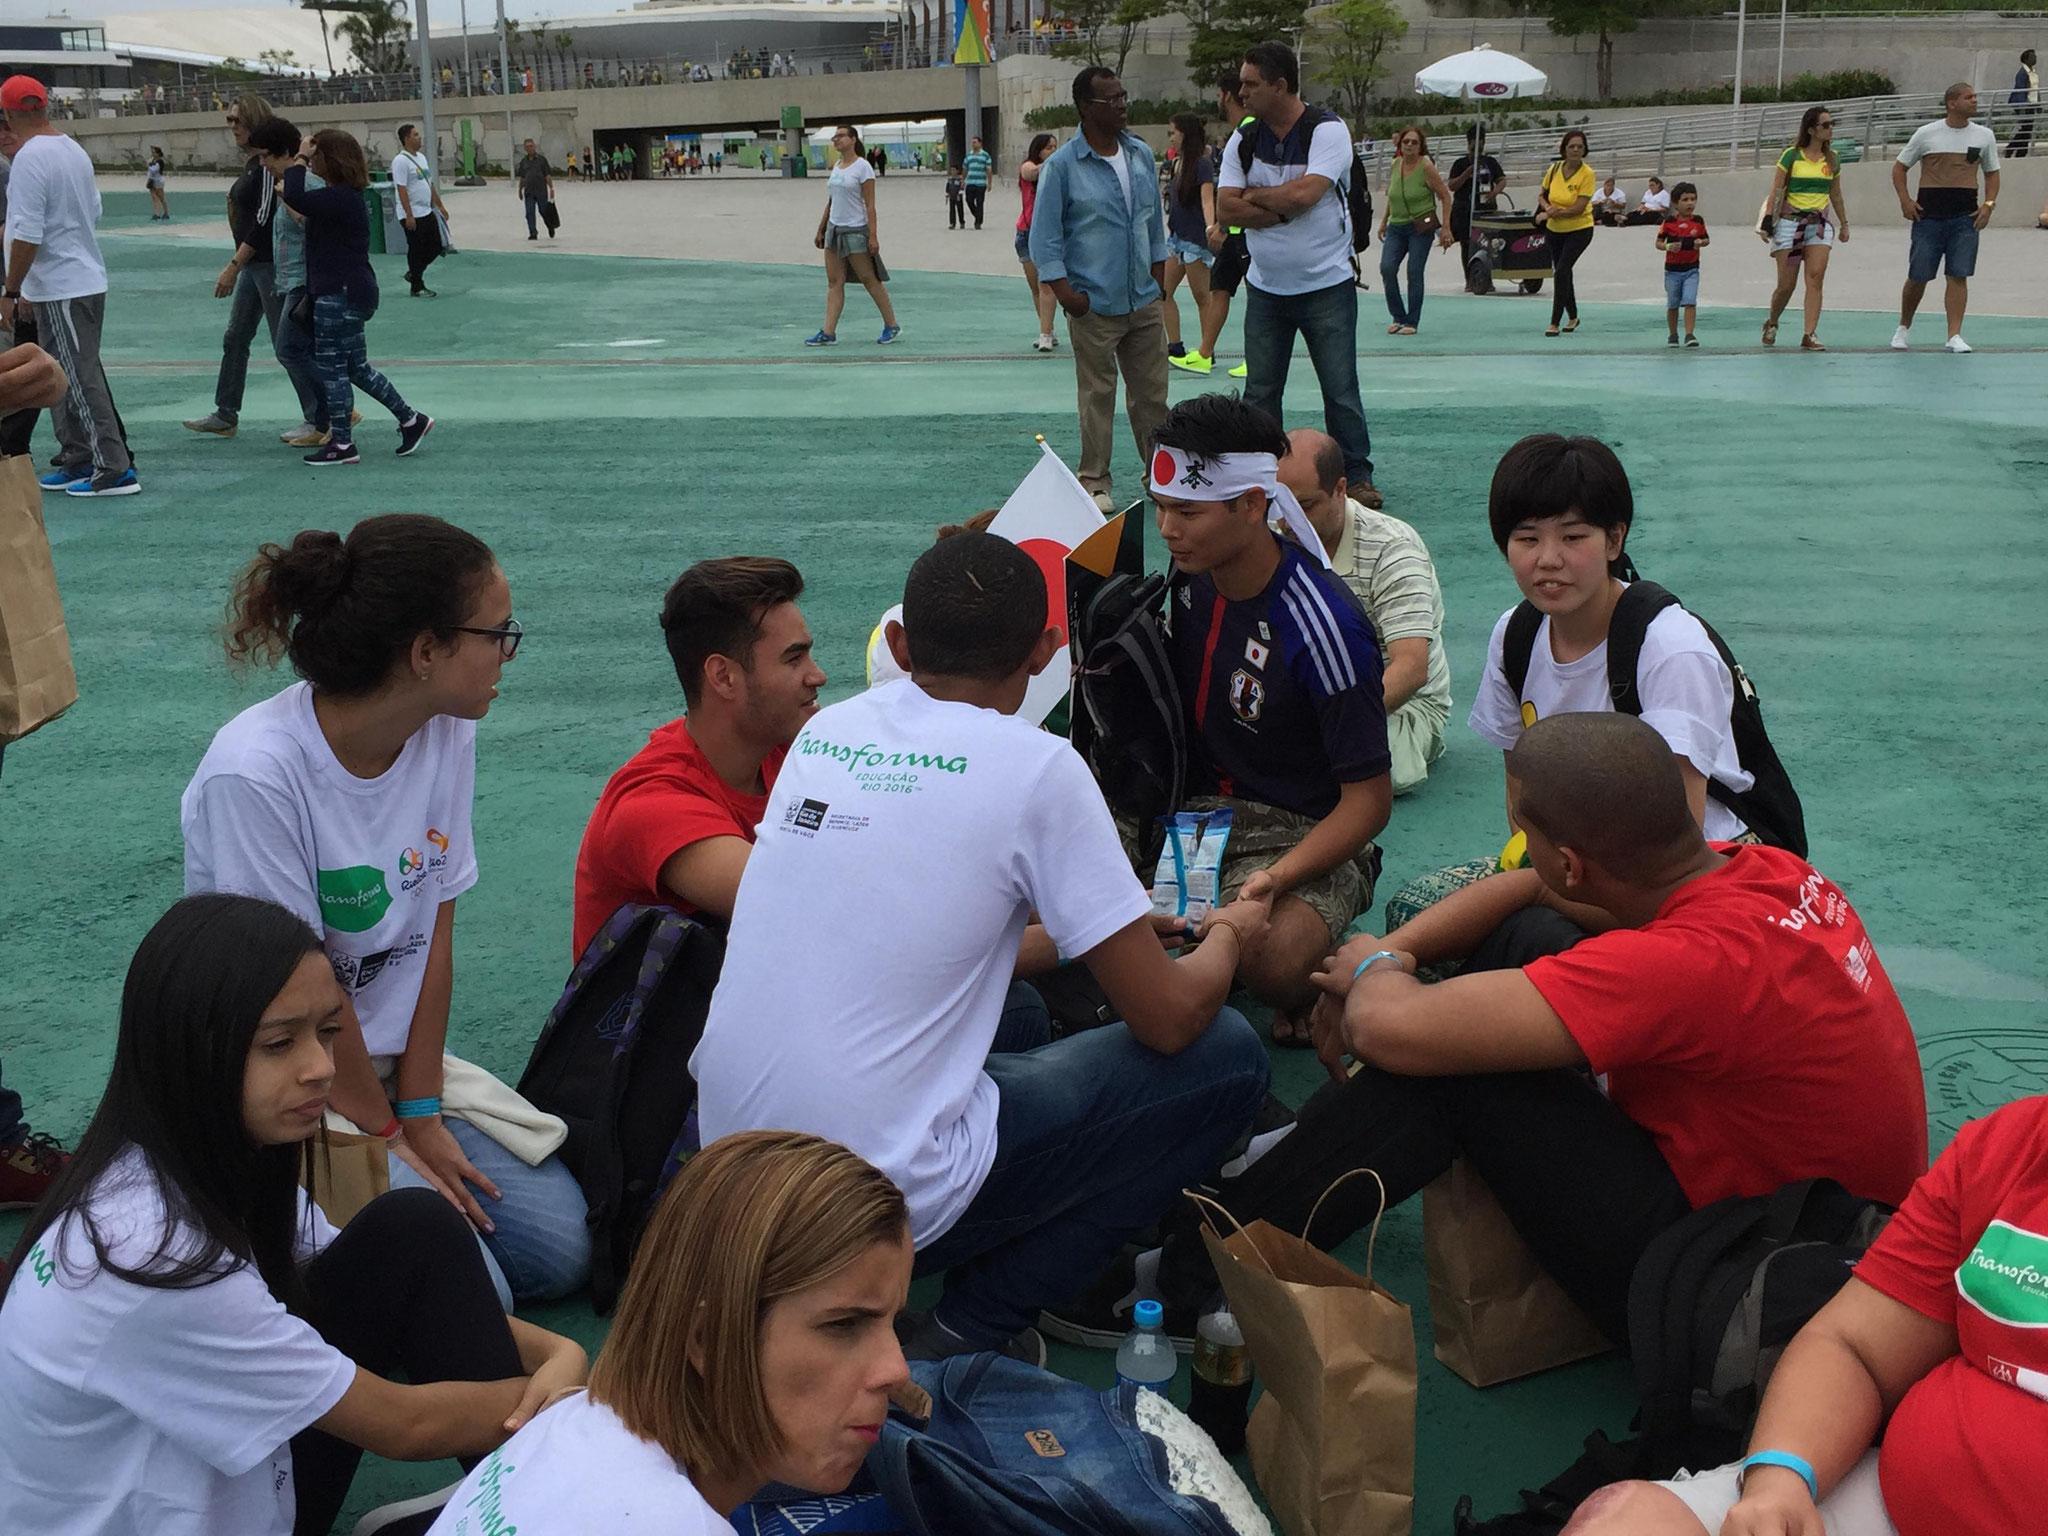 オリンピックパーク内でインタビューをする調査団の学生